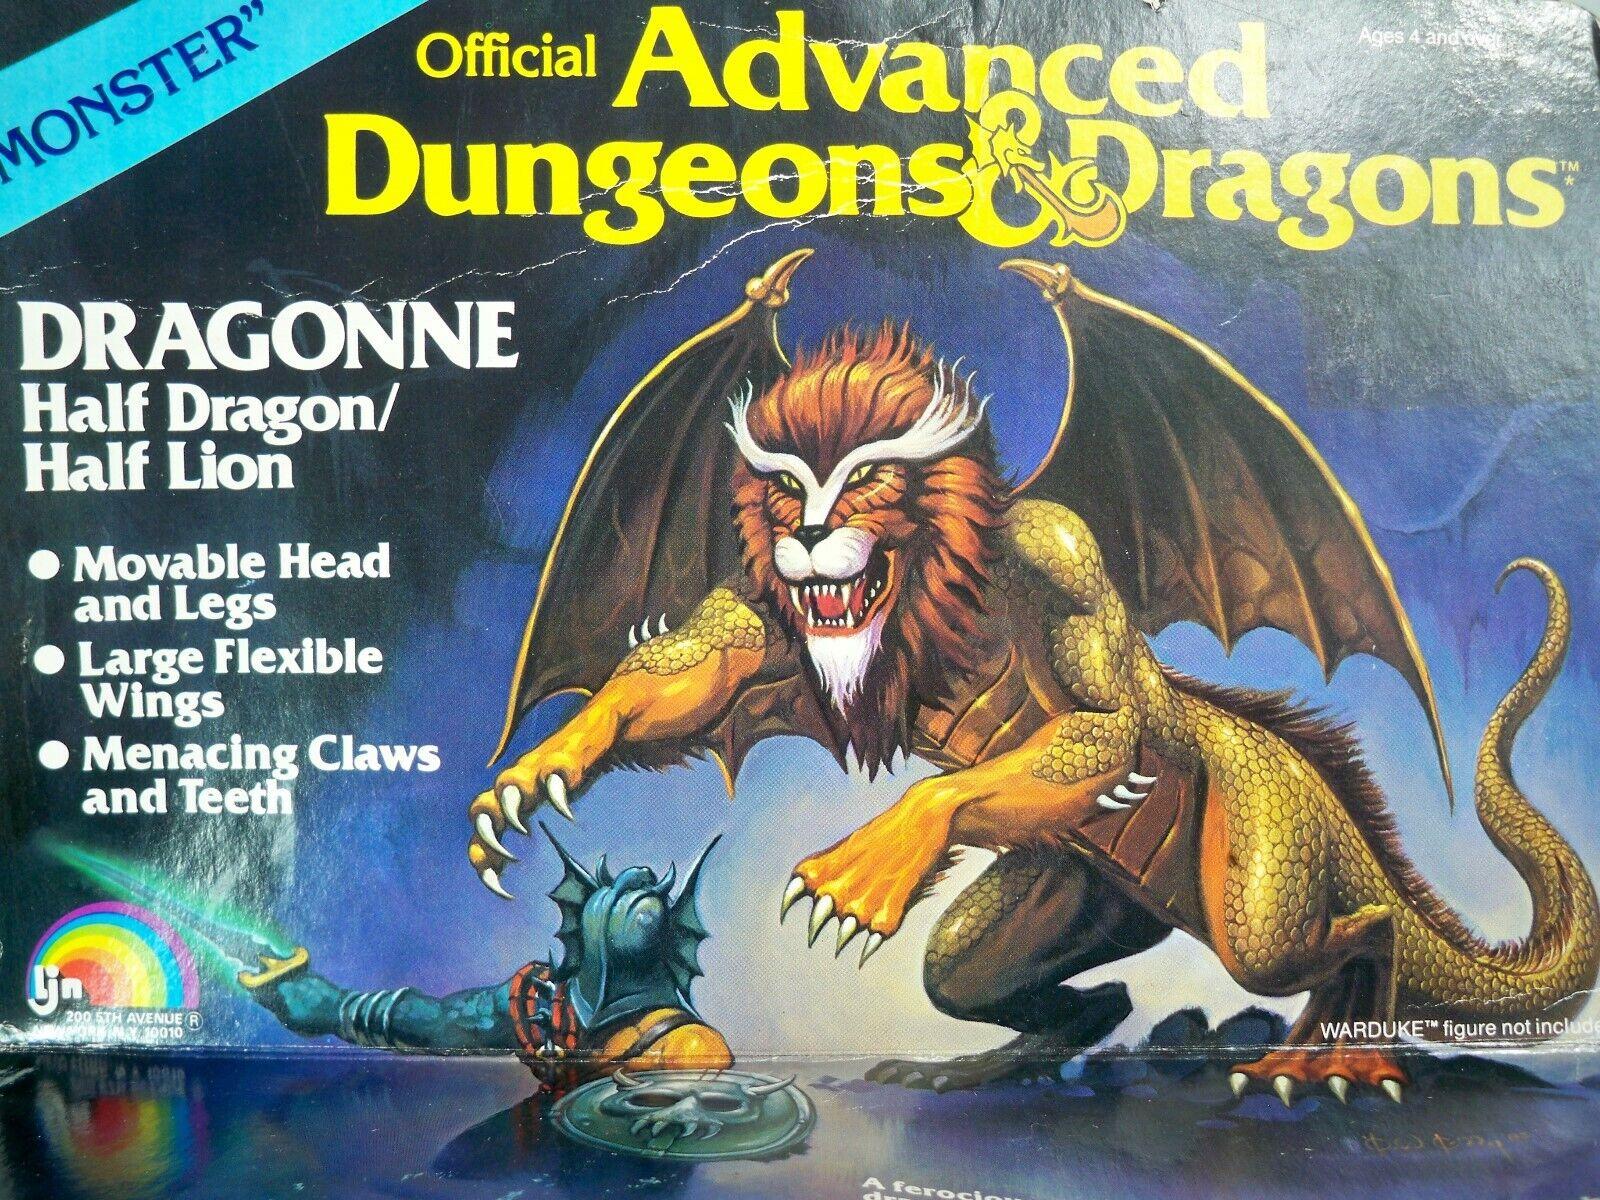 K199334 Dragonne casi nuevo y sin usar en caja sin usar, en Caja Advanced Dungeons & Dragons Ljn Vintage